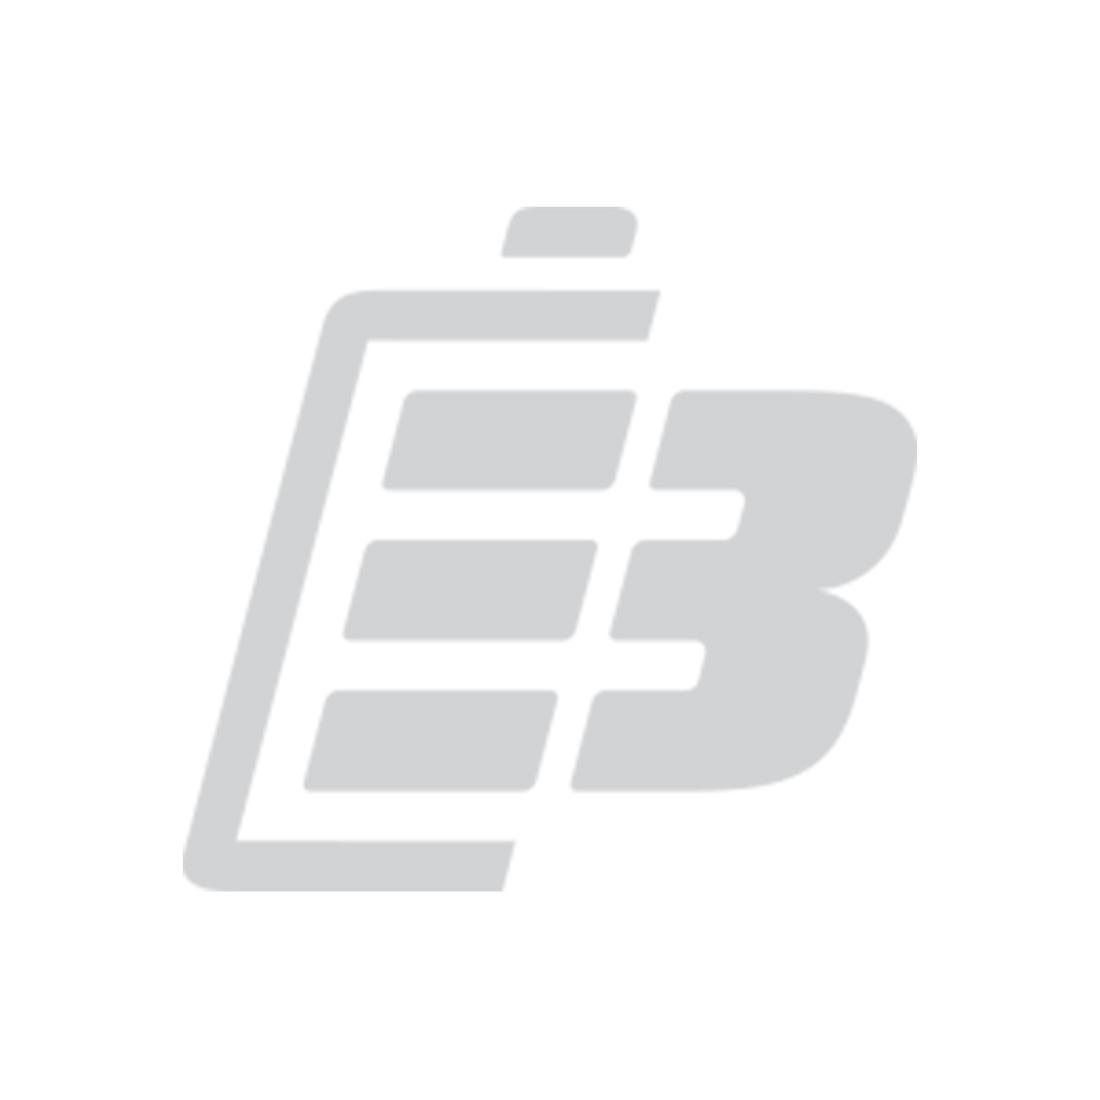 Μπαταρία φωτογραφικής μηχανής Sony NP-FT1_1